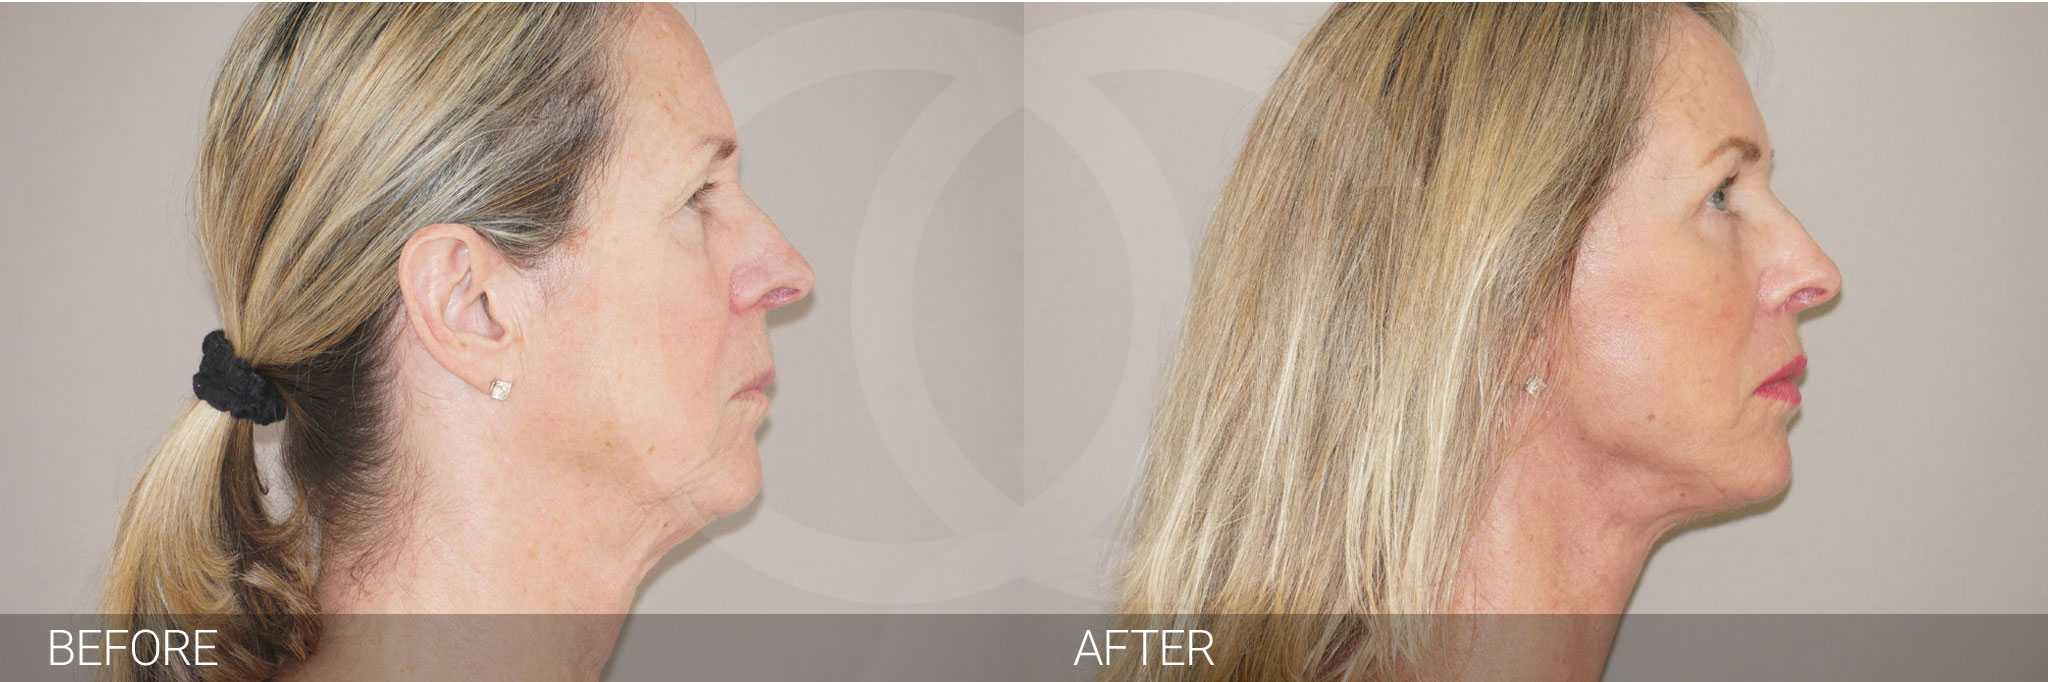 Gesichtsbehandlung mit Eigenfett PAVE-GESICHTSLIFT ante/post-op III